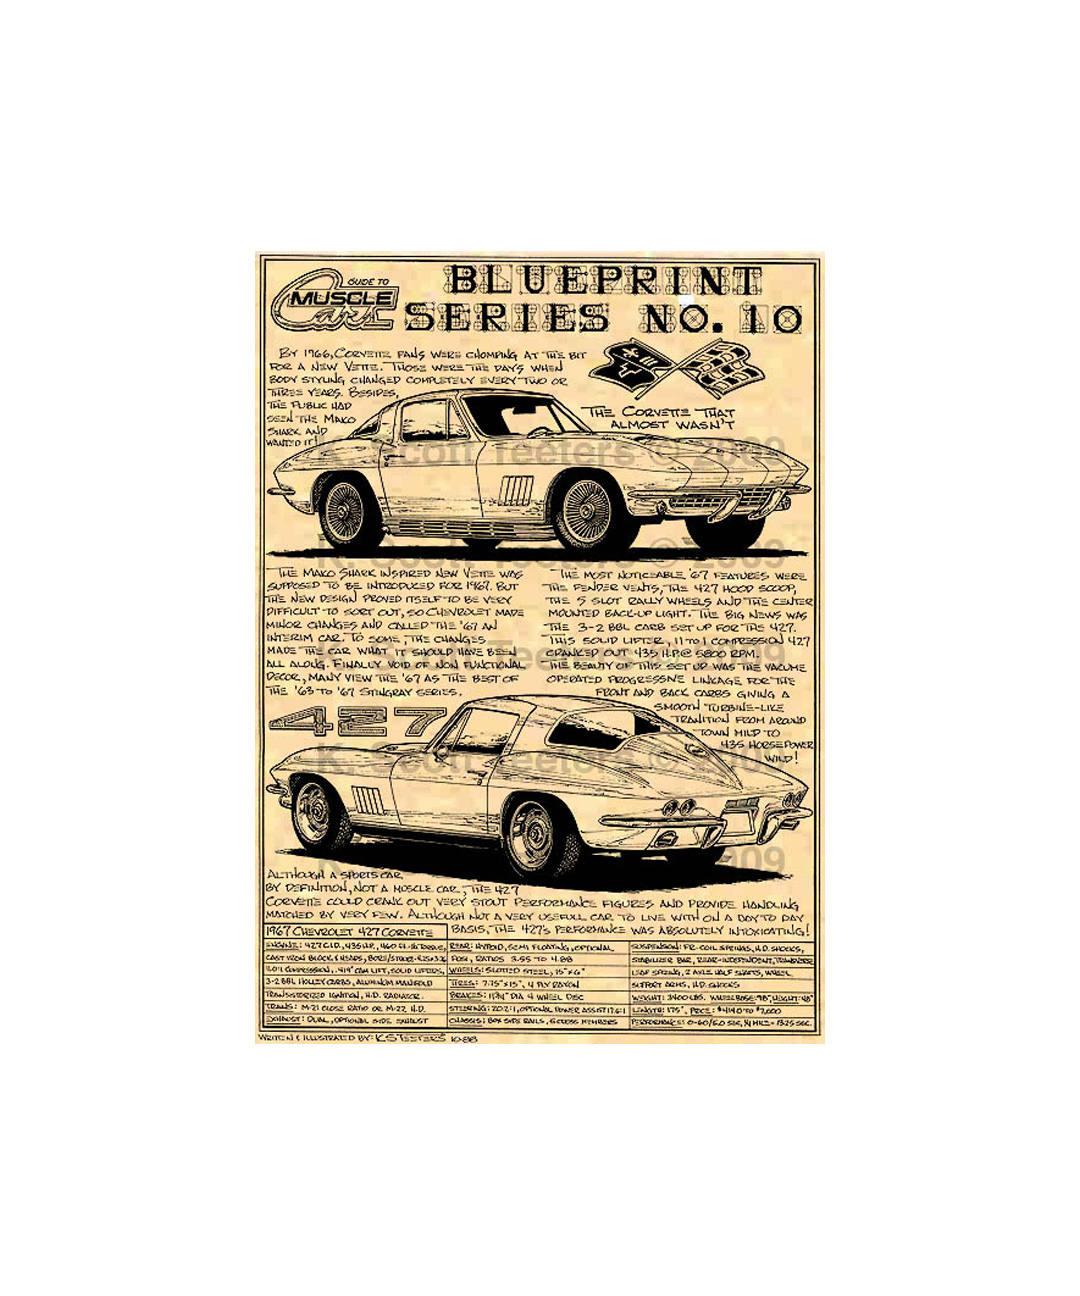 1967 C2 Corvette Production Car Art Print1967 Sting Ray